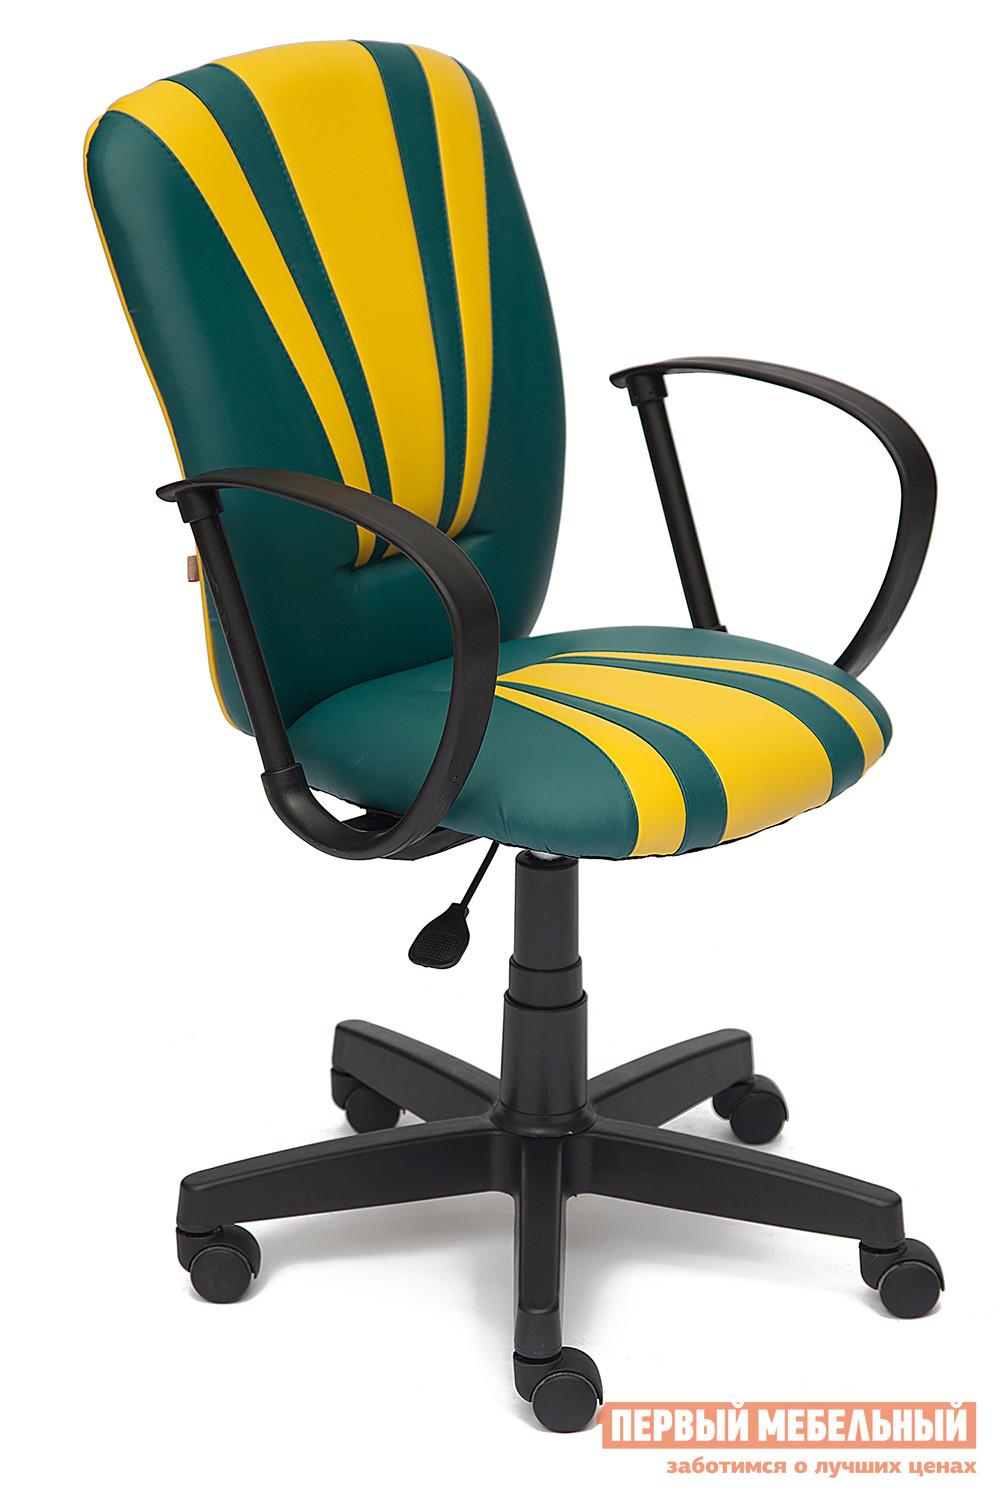 Офисное кресло Tetchair Spectrum К/з темн. бирюзовый / желтый